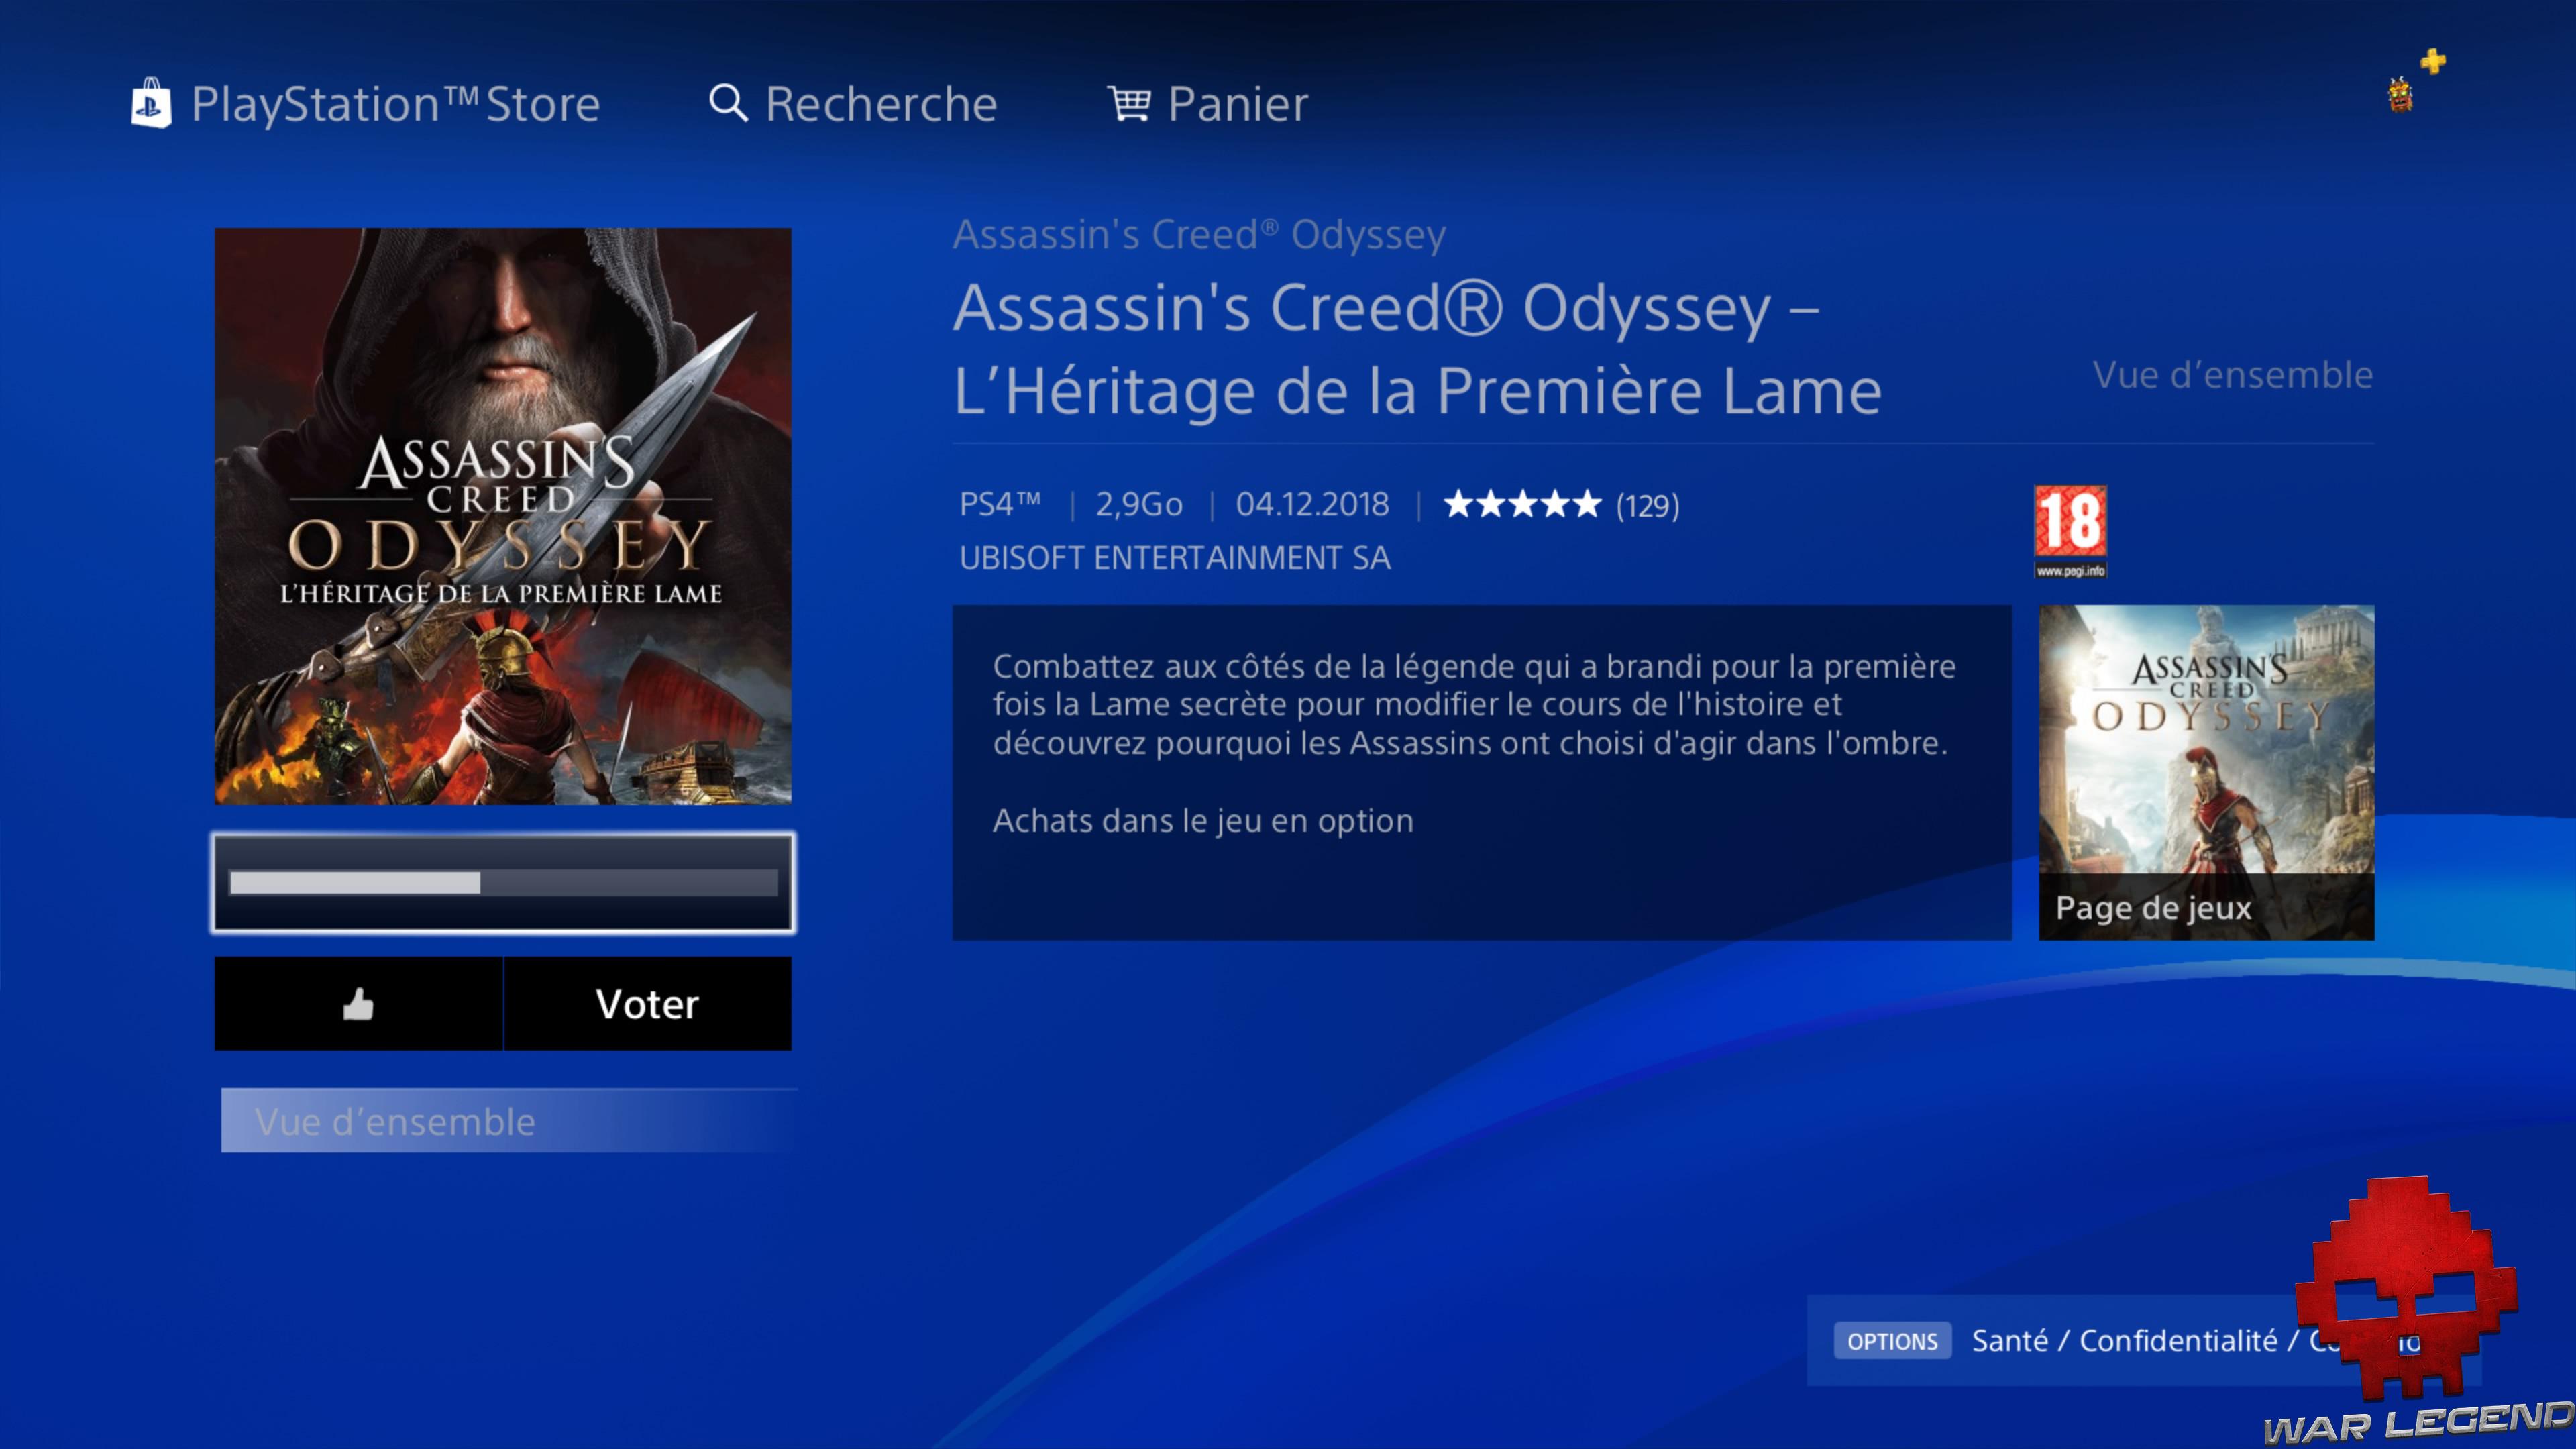 Assassin's Creed Odyssey - L'héritage de la première lame page de téléchargement